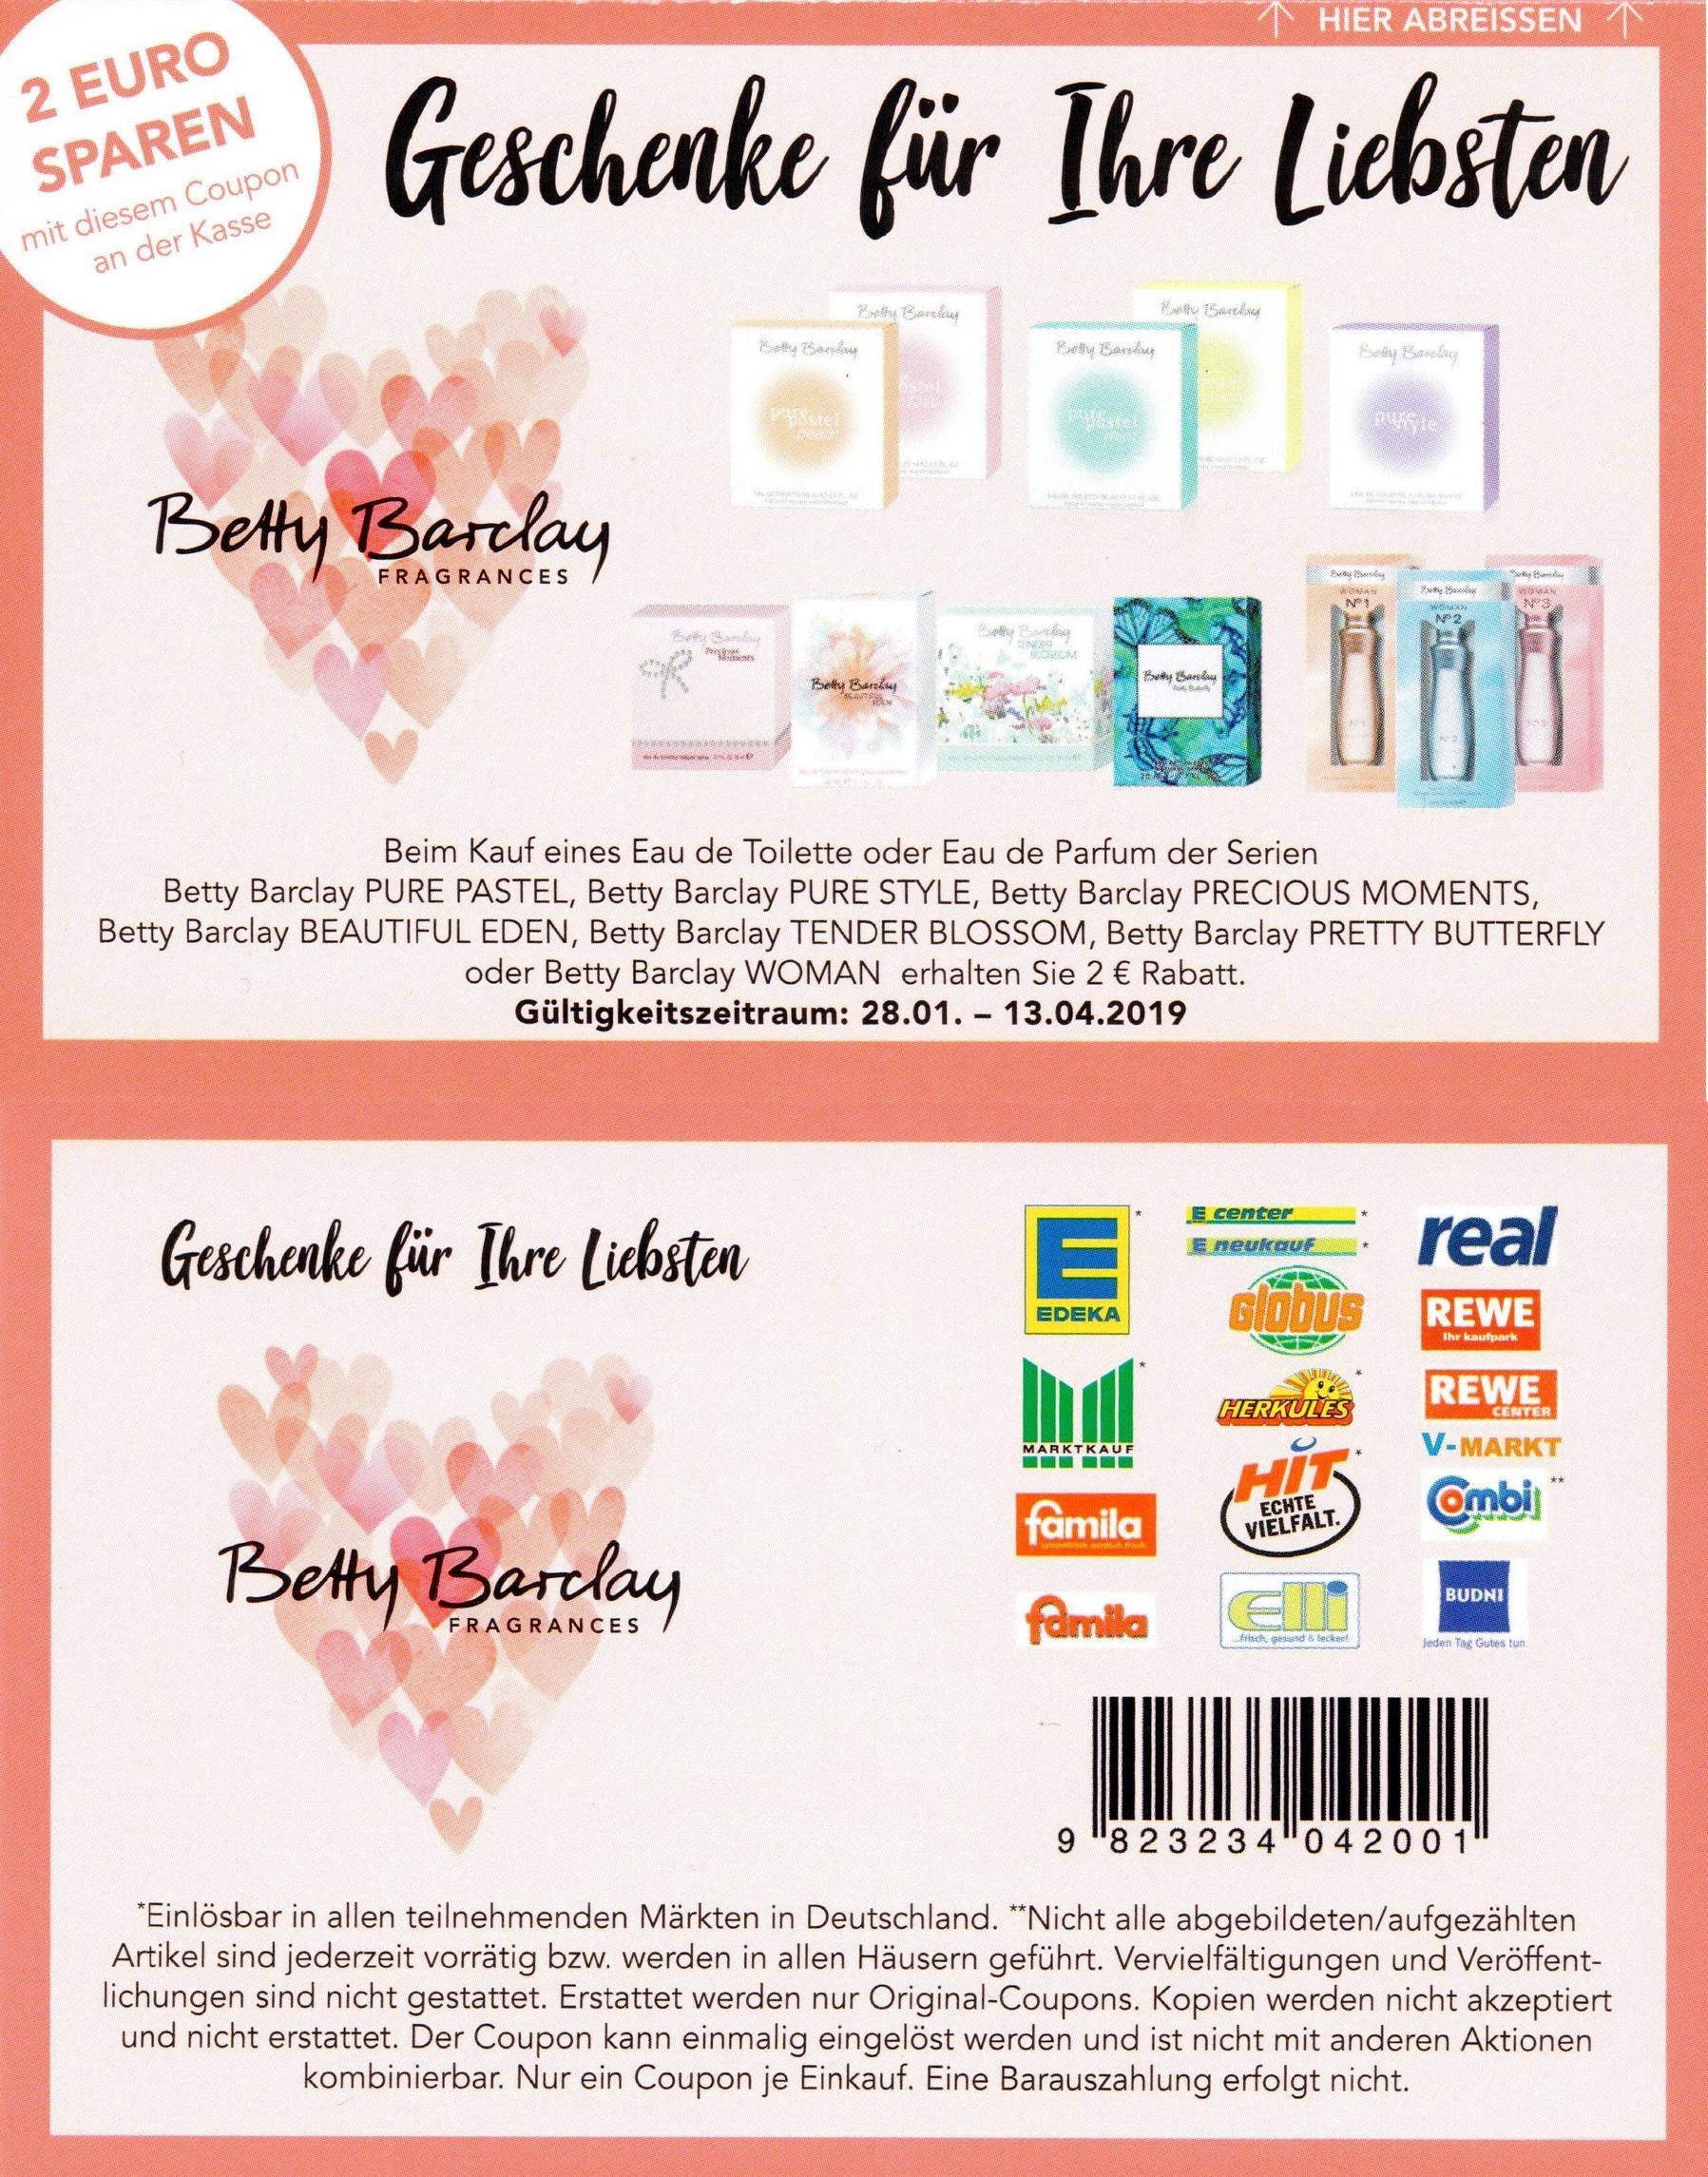 2,00€ Sofort-Rabatt Coupon für ein Betty Barclay Eau de Toilette oder Eau de Parfum (13.04.2019)